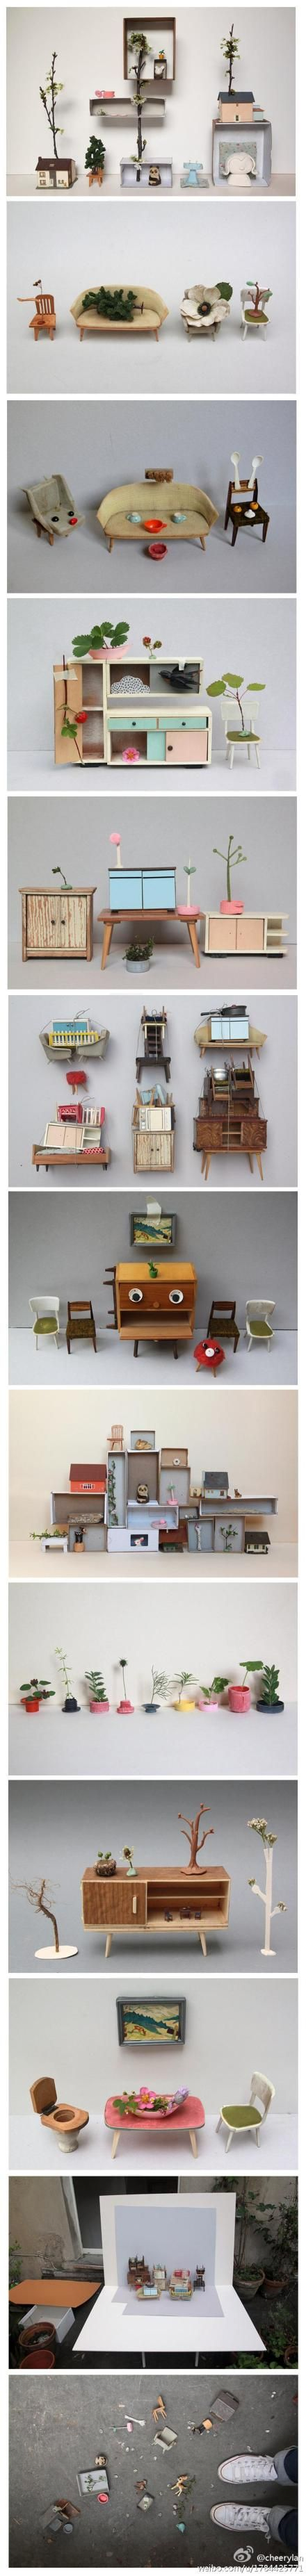 Plein d'idées de mobilier à fabriquer soi-même pour maison de poupées.